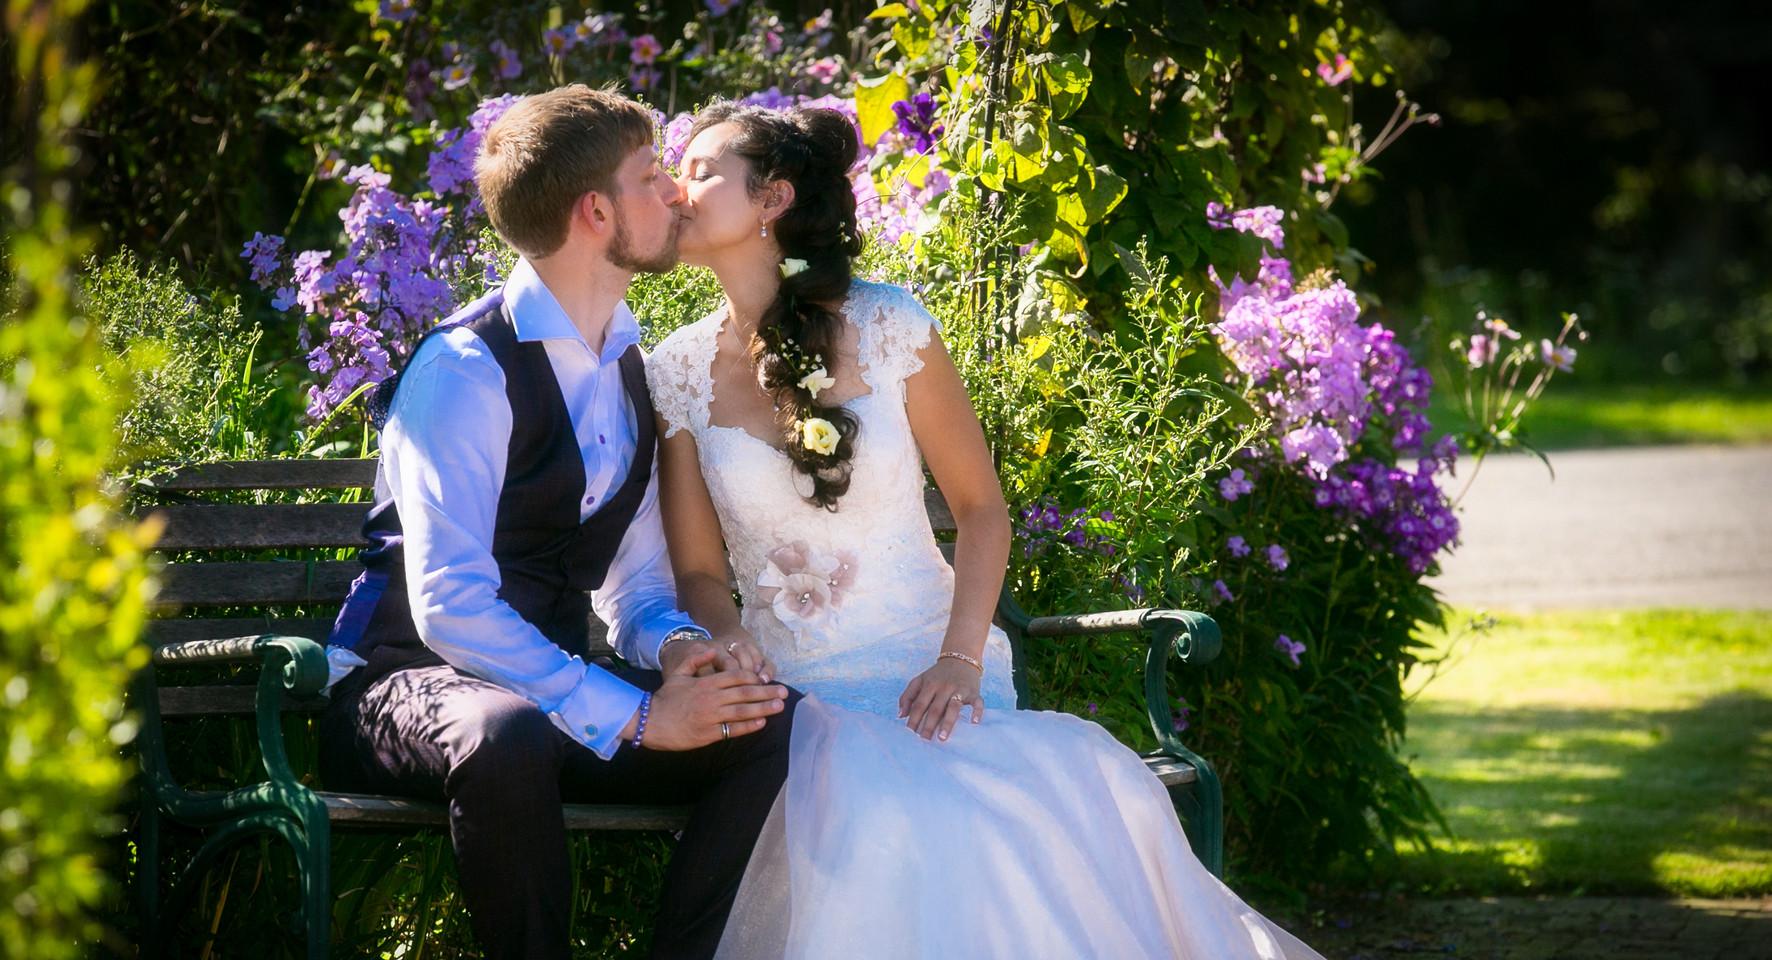 bride and groom it in garden kiss